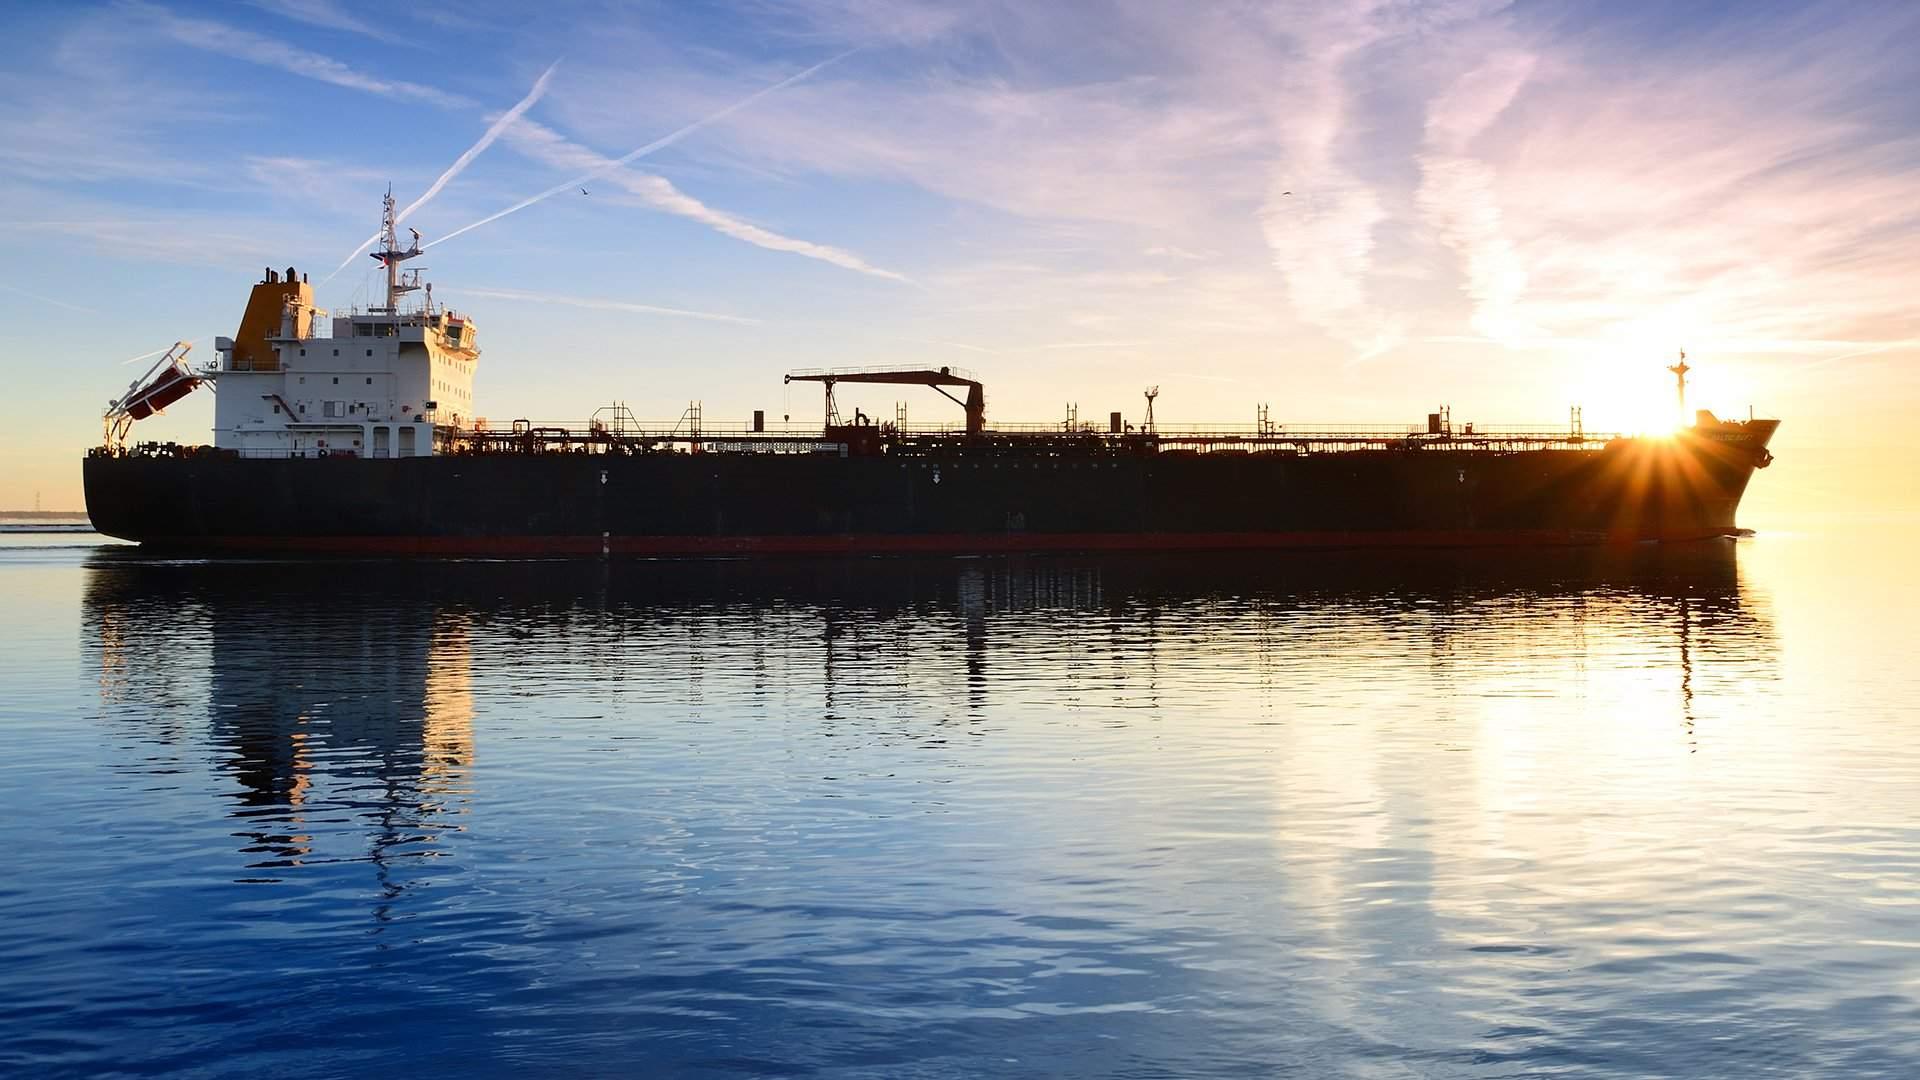 Херсонская «блокада»: украинские власти готовятся захватить российское судно